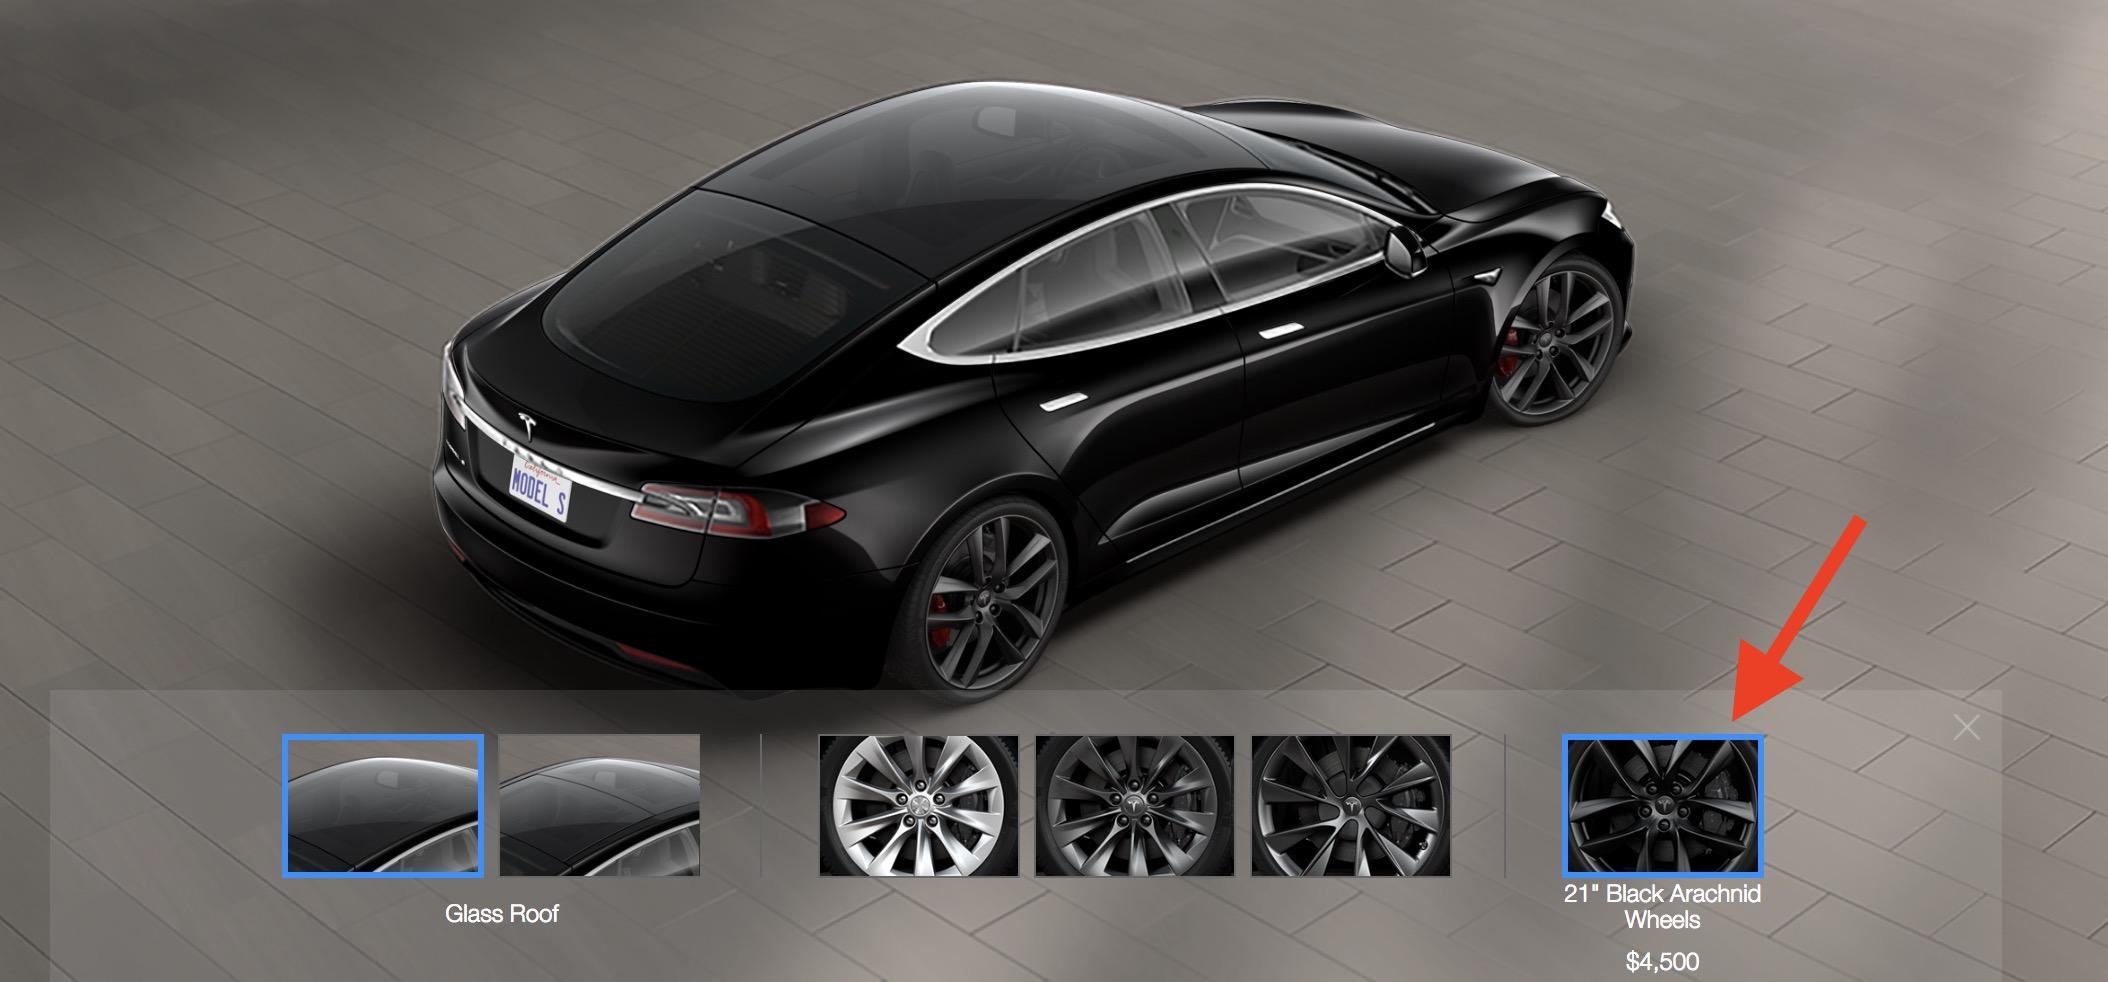 Tesla ventilated seats